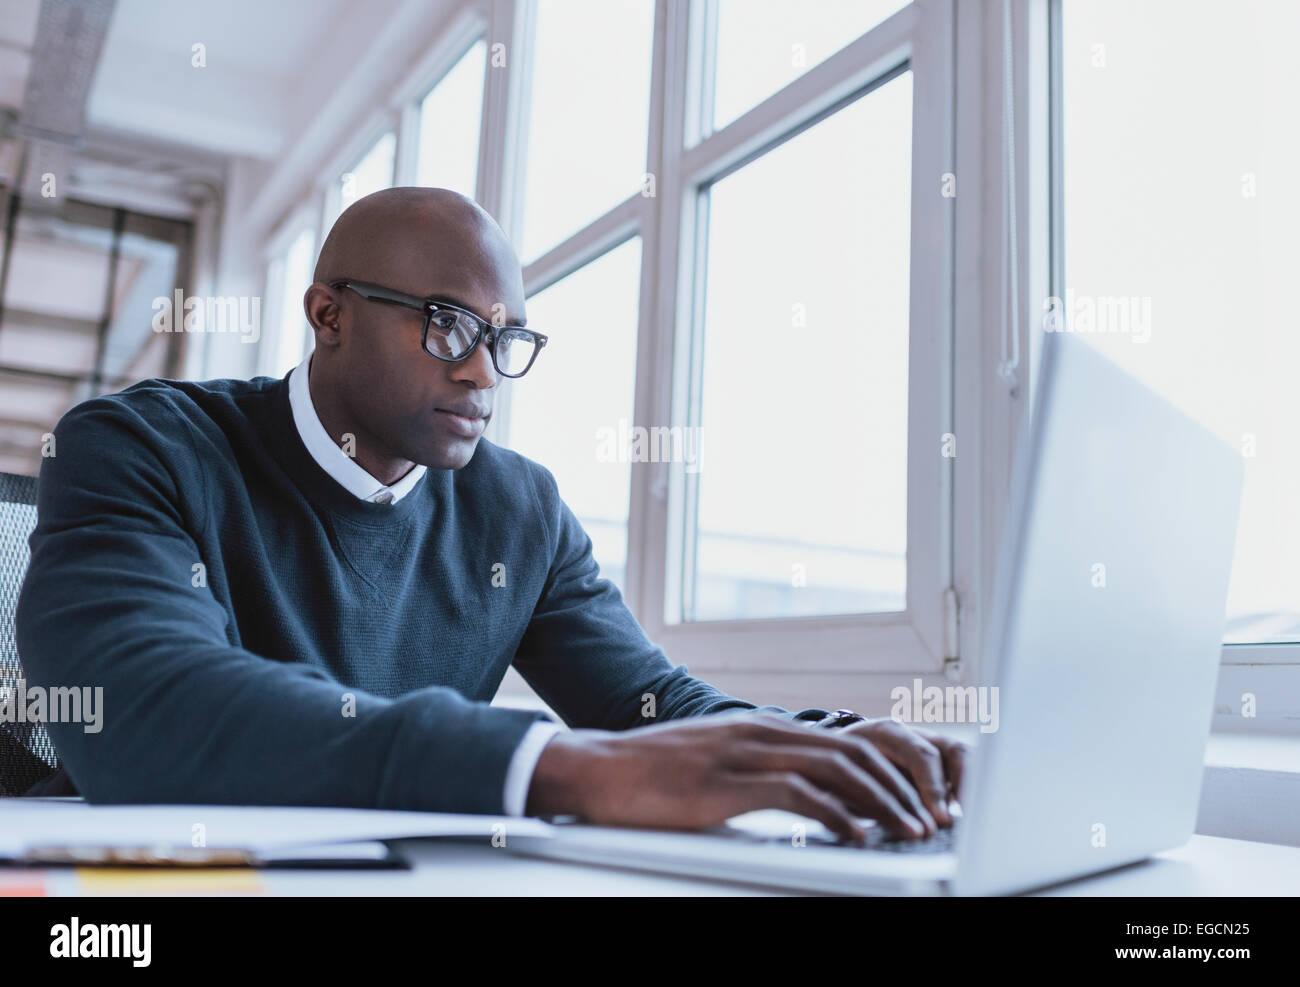 Image de l'african american businessman travaille sur son ordinateur portable. Beau jeune homme à son bureau. Banque D'Images